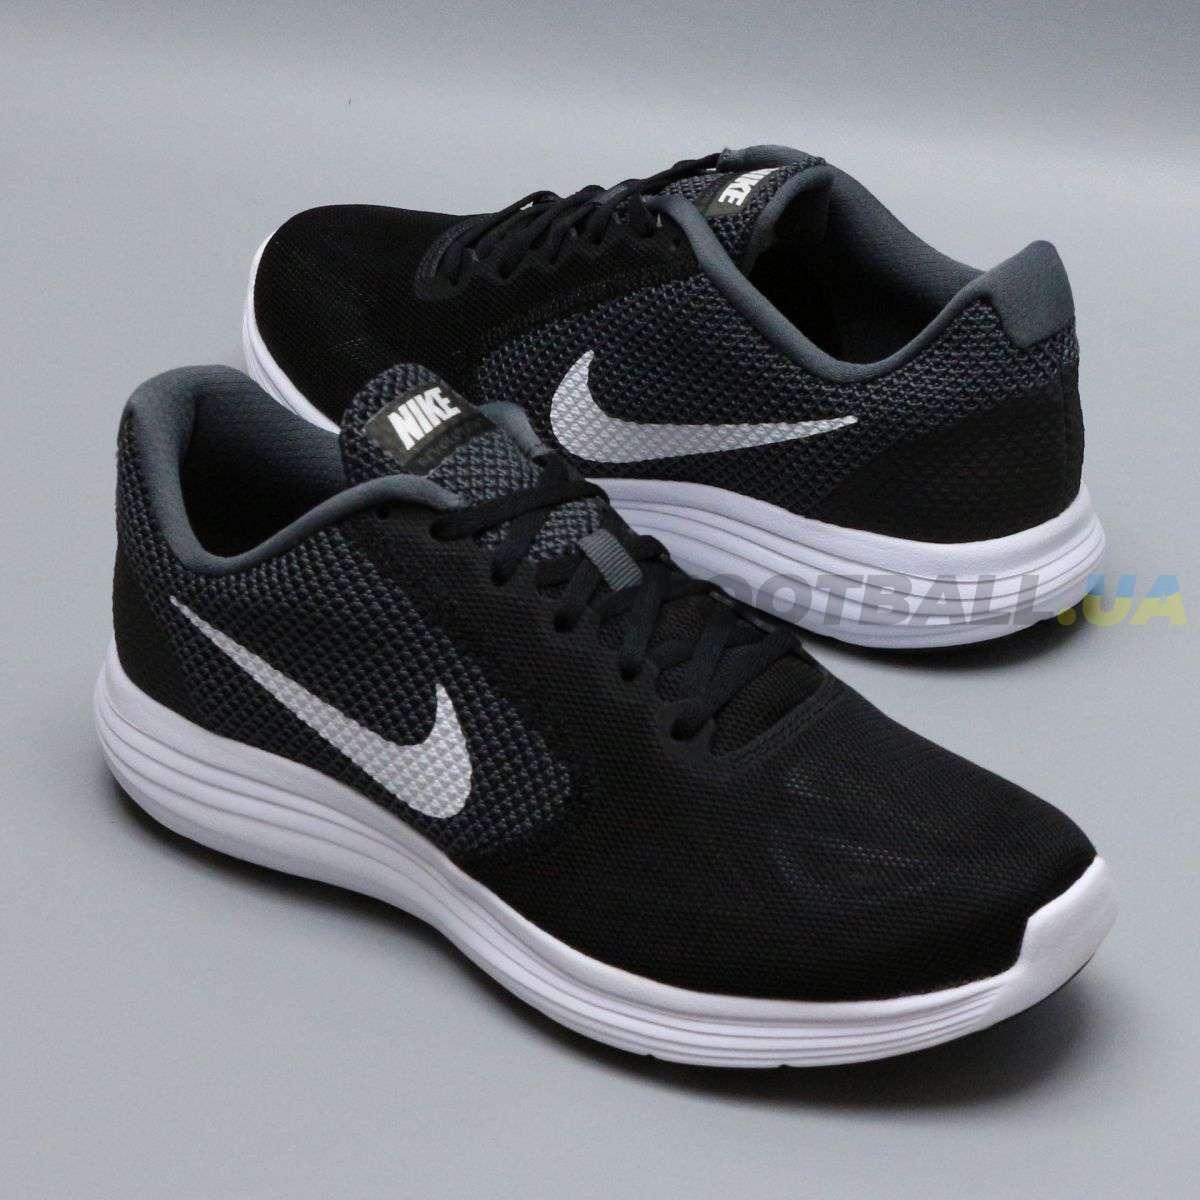 ba30125ea811 Кроссовки Найк — купить оригинальные модные спортивные кроссовки ...